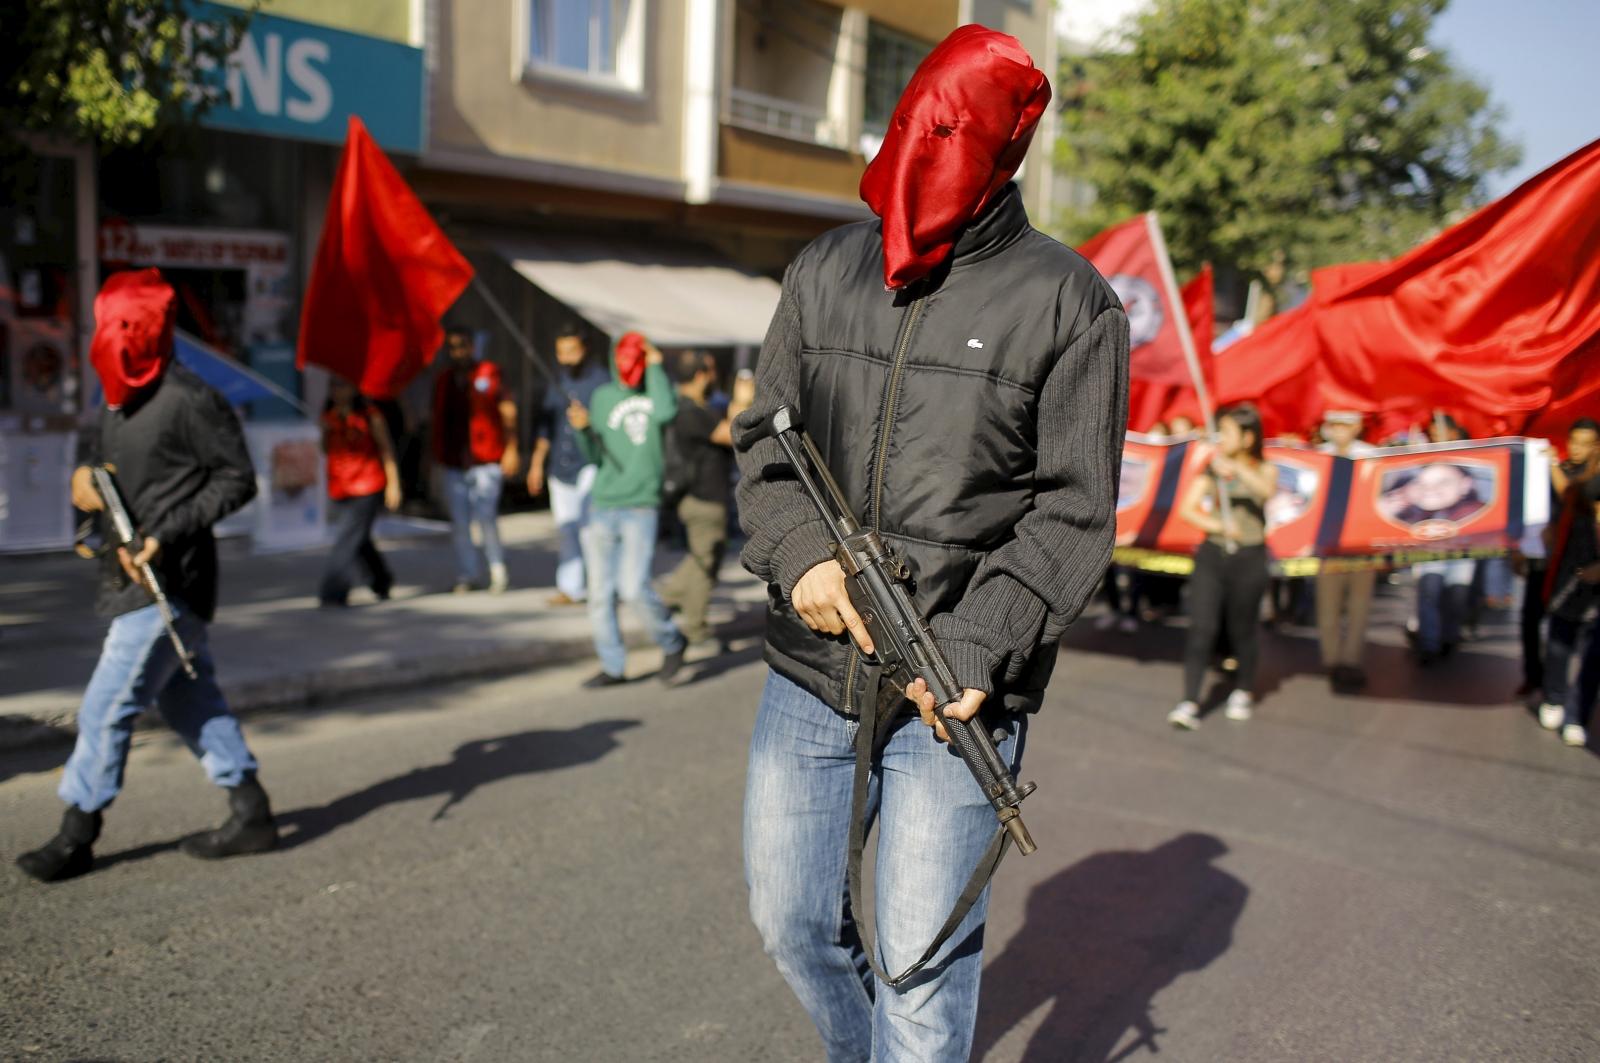 PKK Suruc suicide bombing